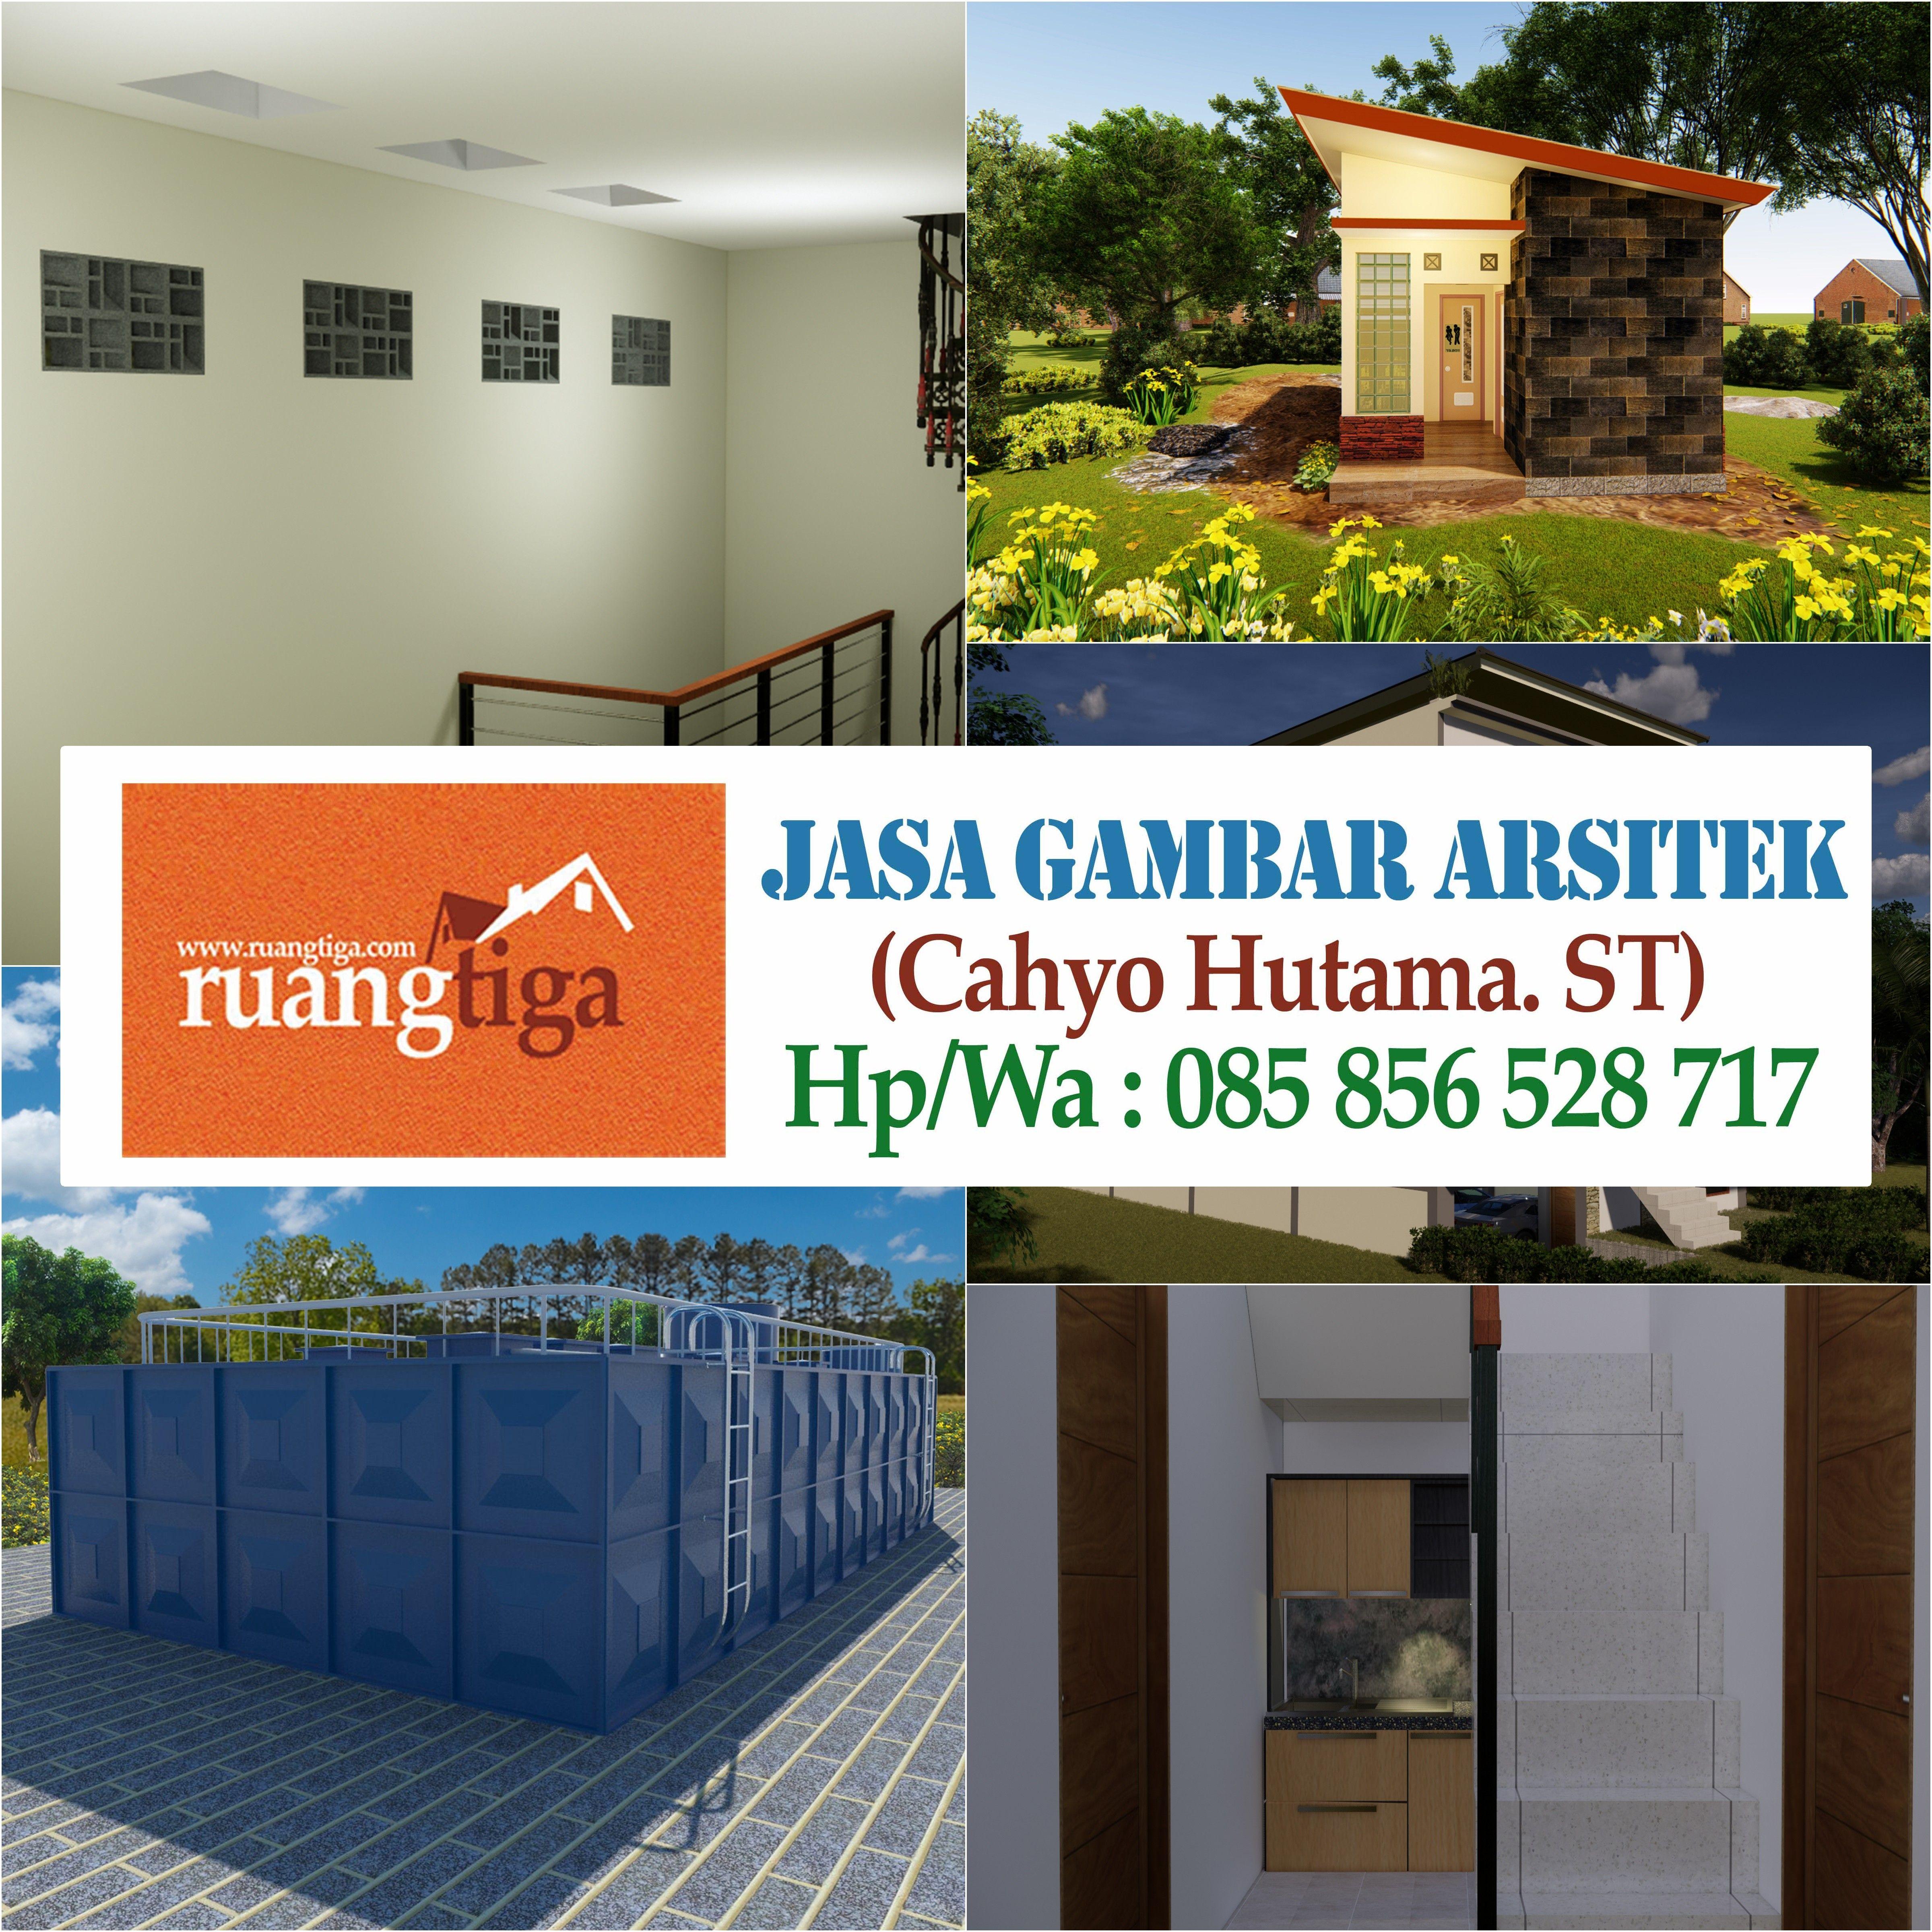 085856528717 Apa Itu Fasad Rumah Fasad Rumah Tinggal Jasa Desain Rumah Online Murah Arsitek Rumah Membangun Rumah